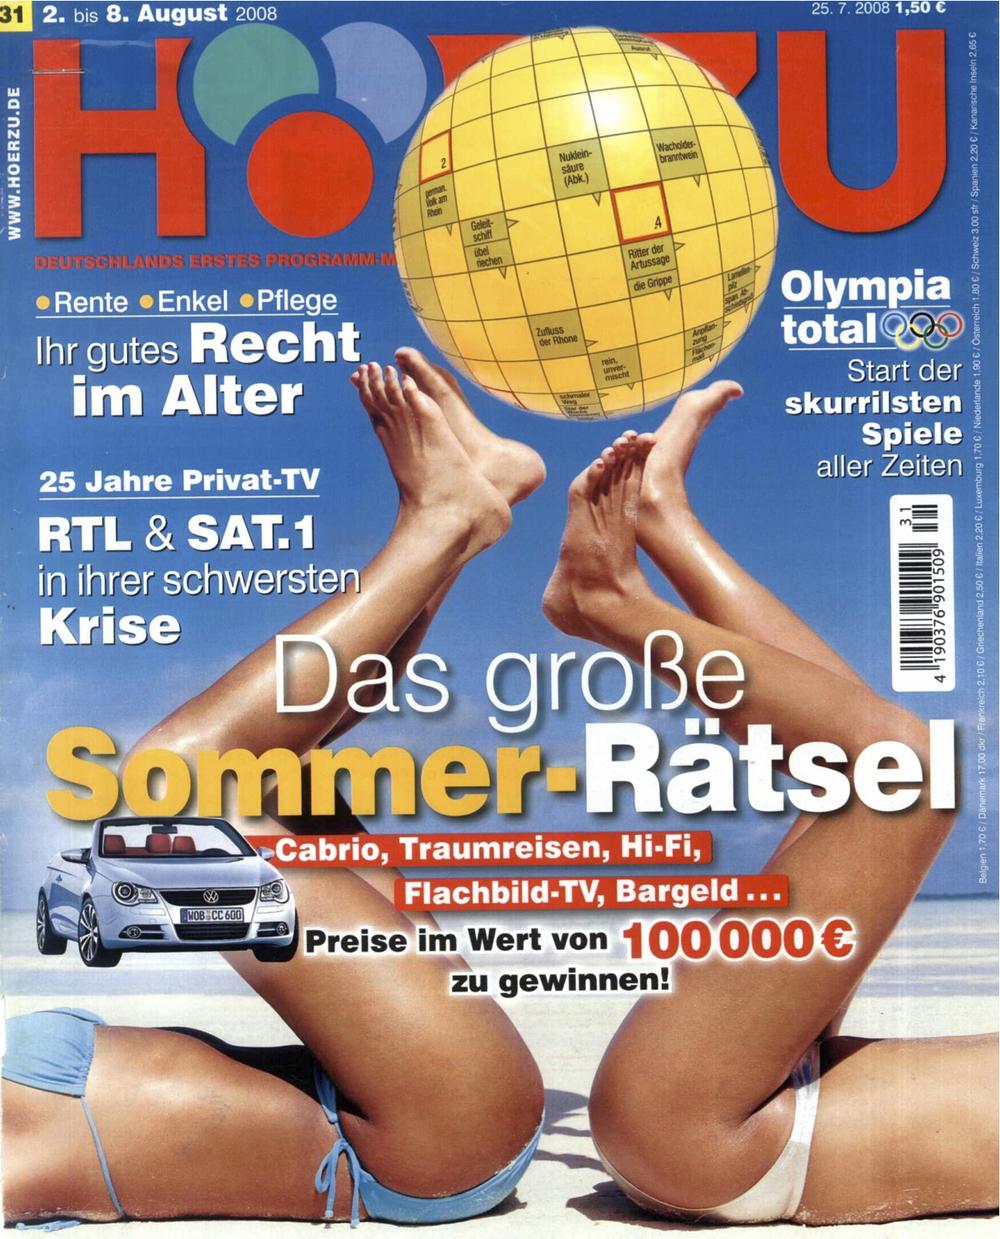 HZ_27.5.2008_Cover.jpg